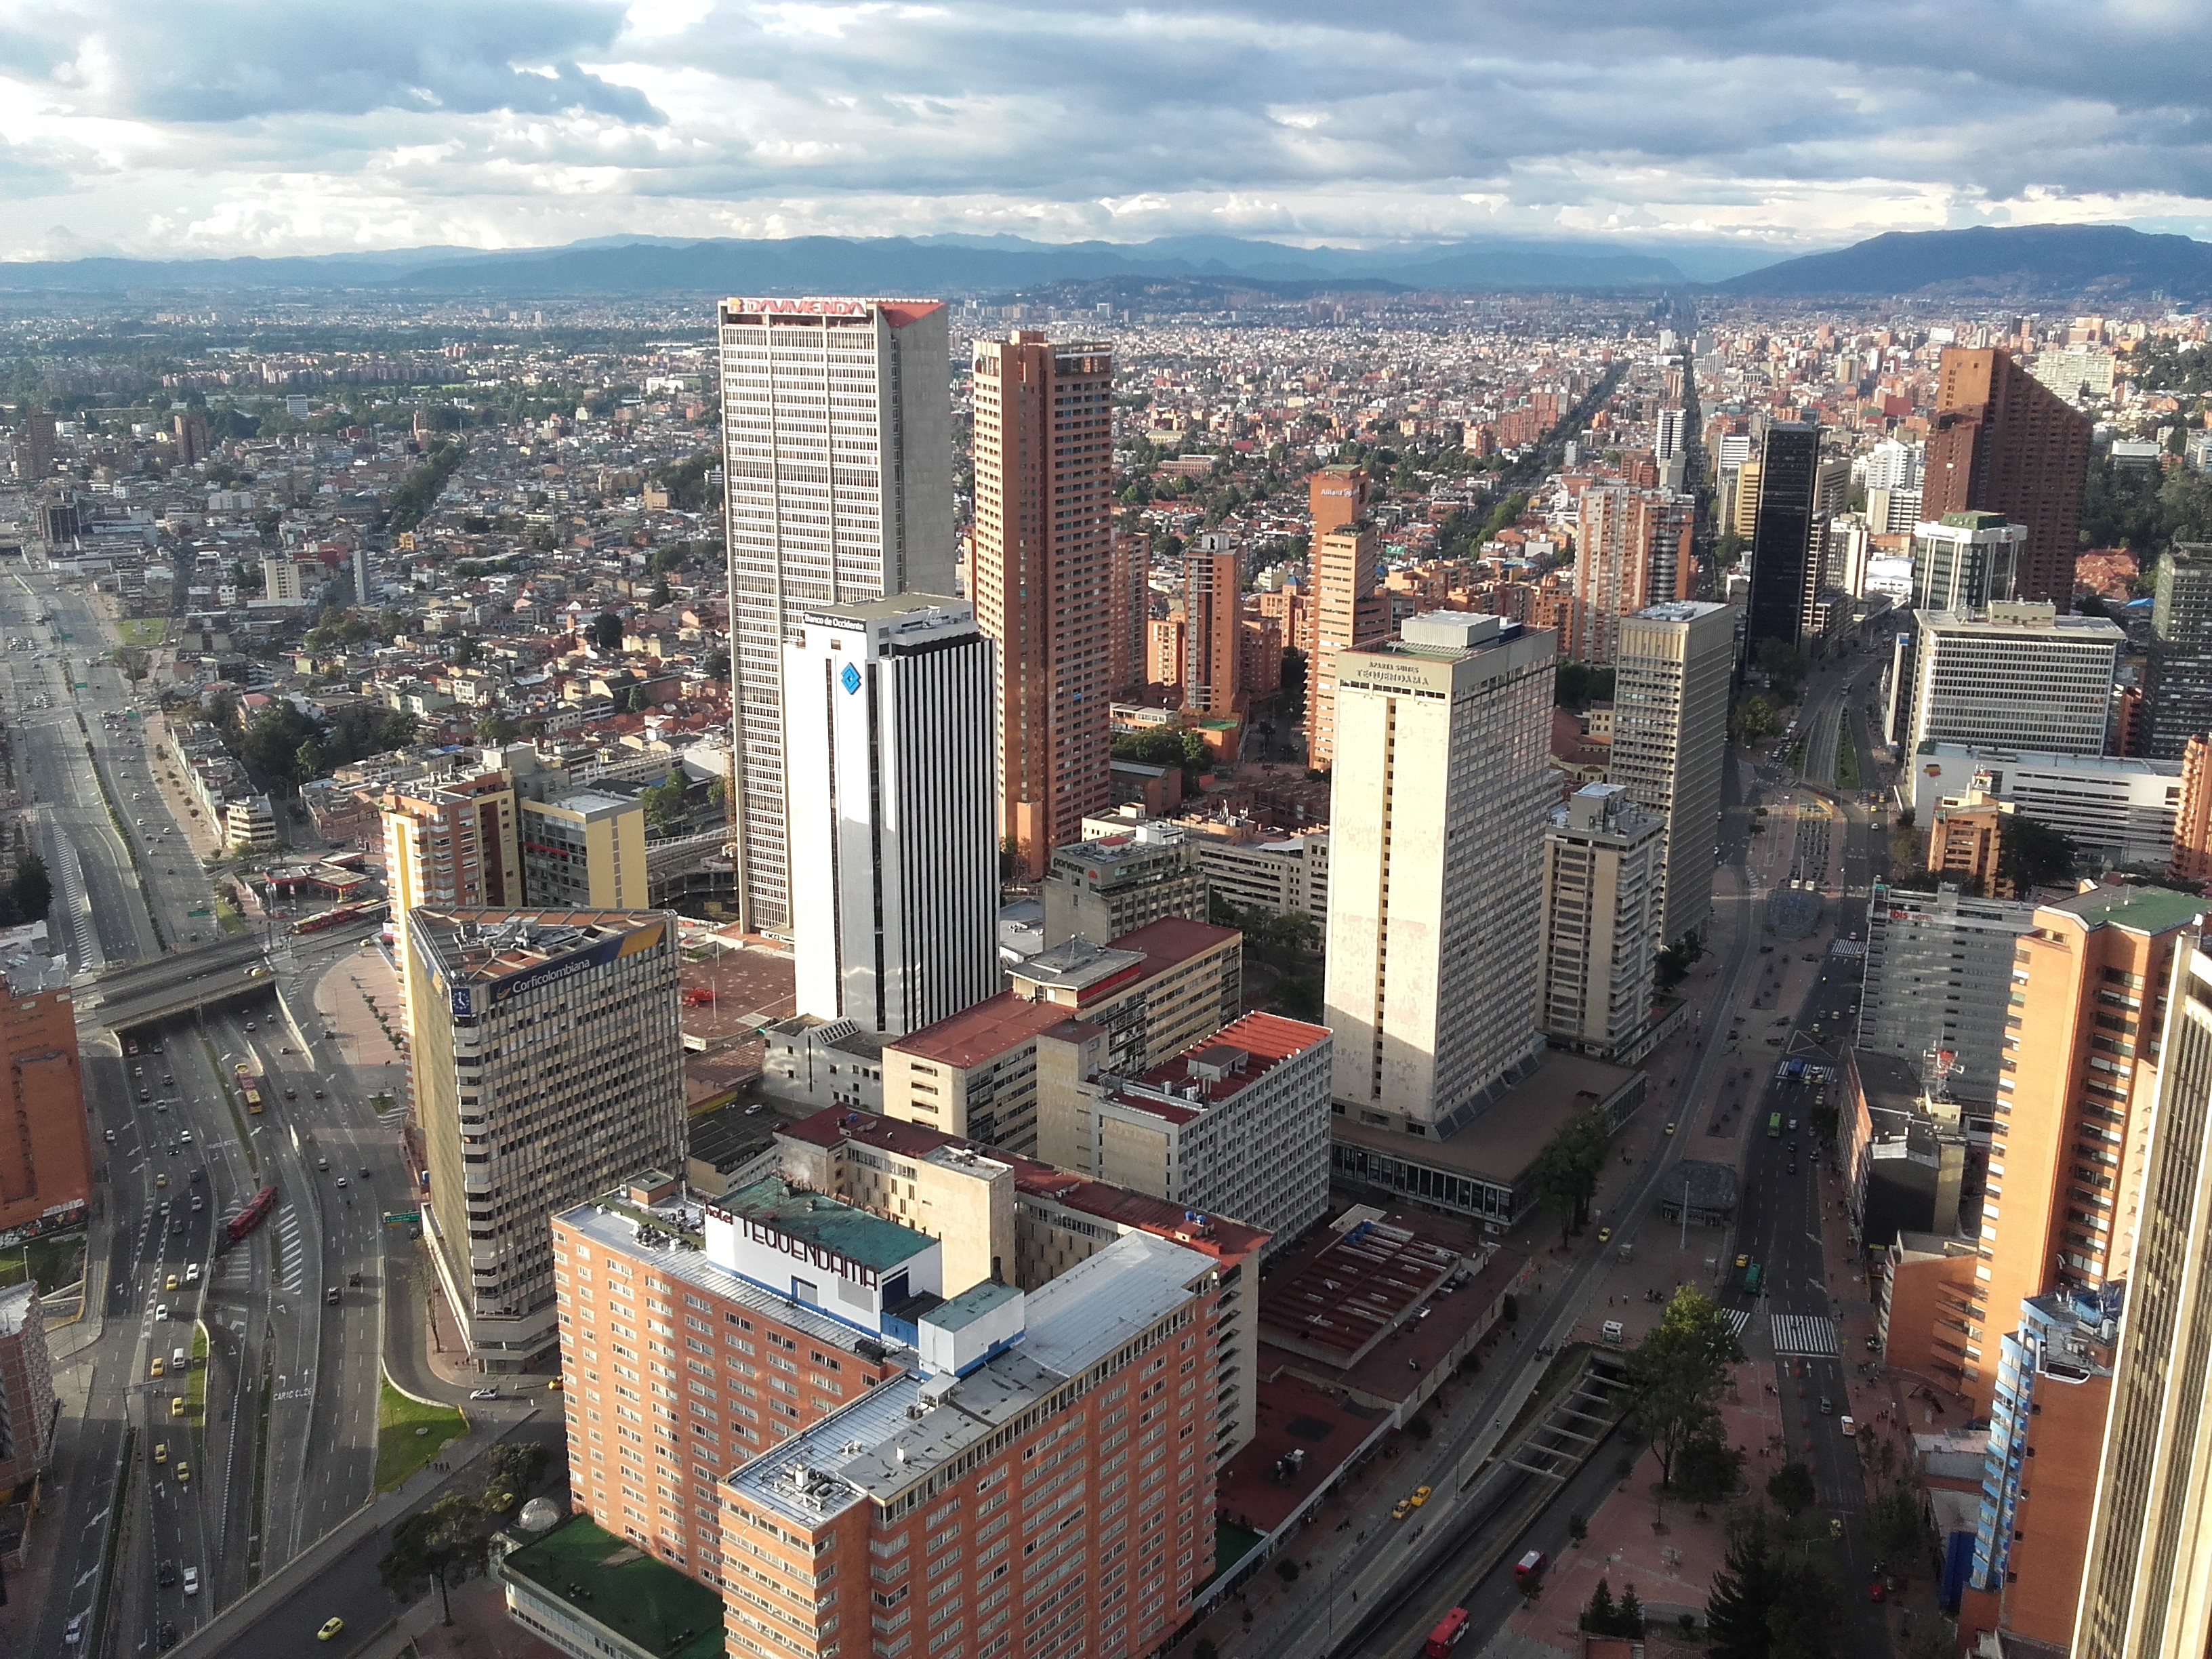 Bogotá - Wikipedia